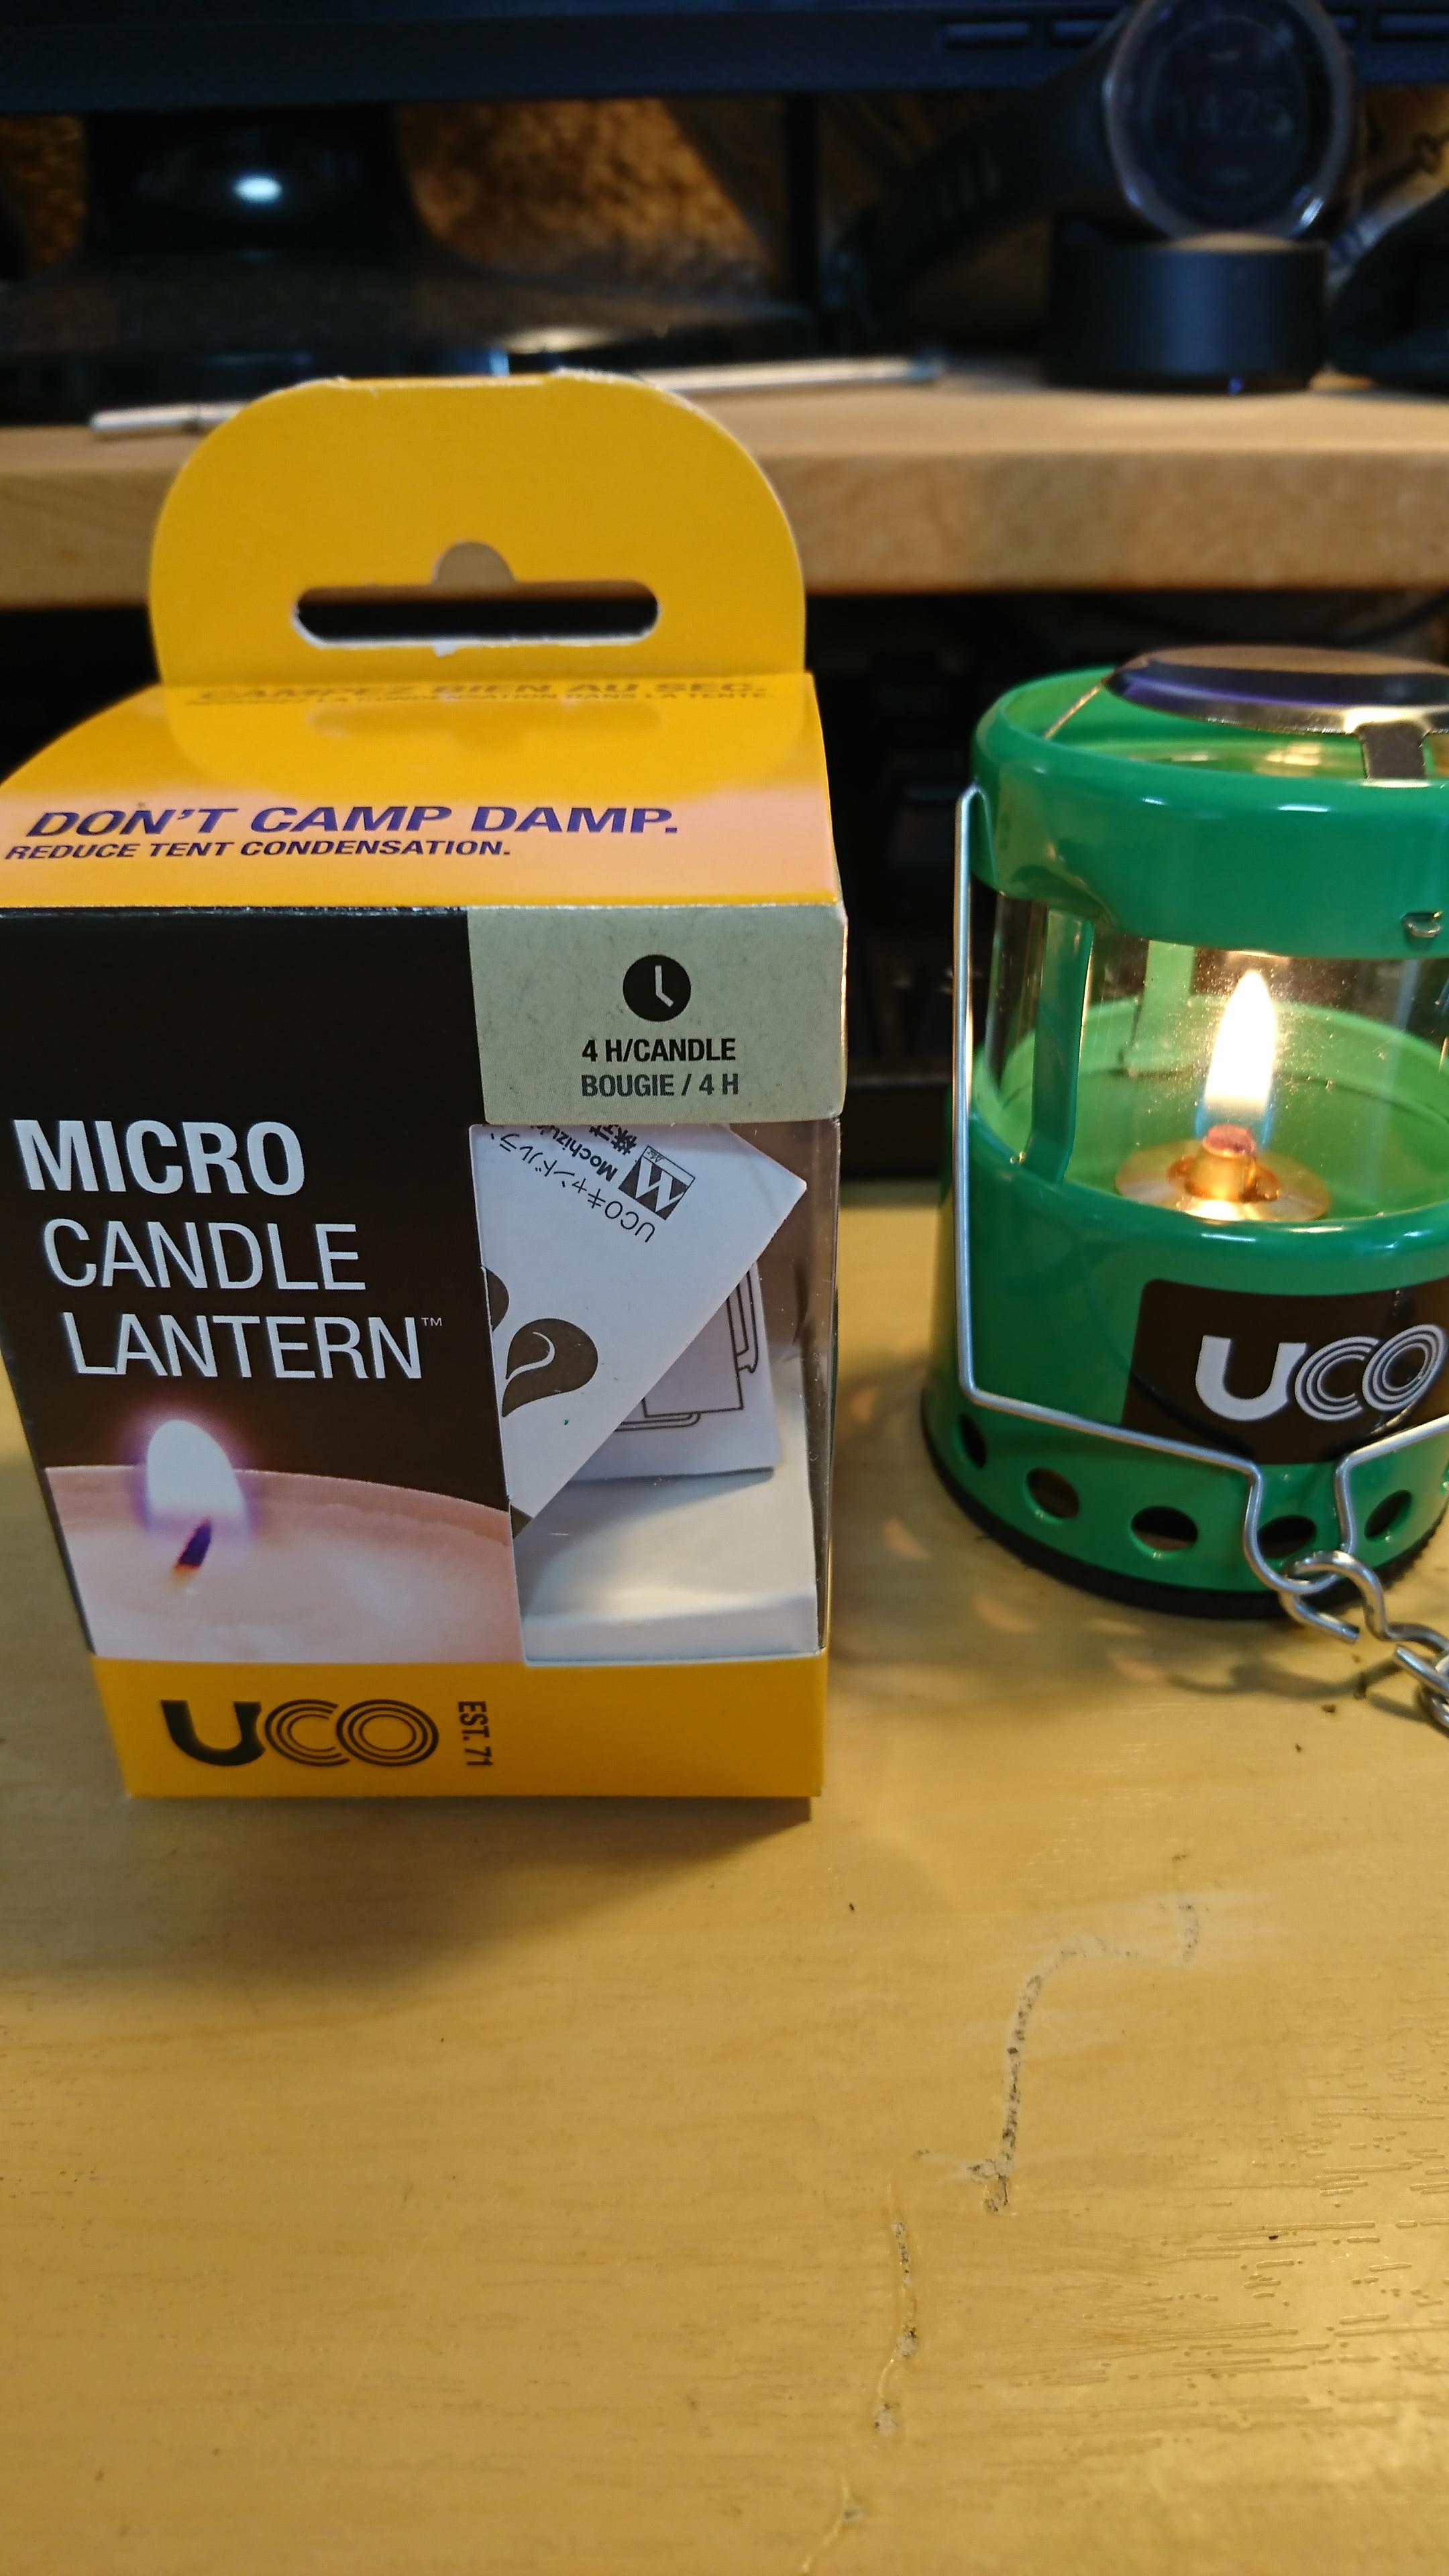 UCO(ユーコ) マイクロランタンをオイルランタン化する